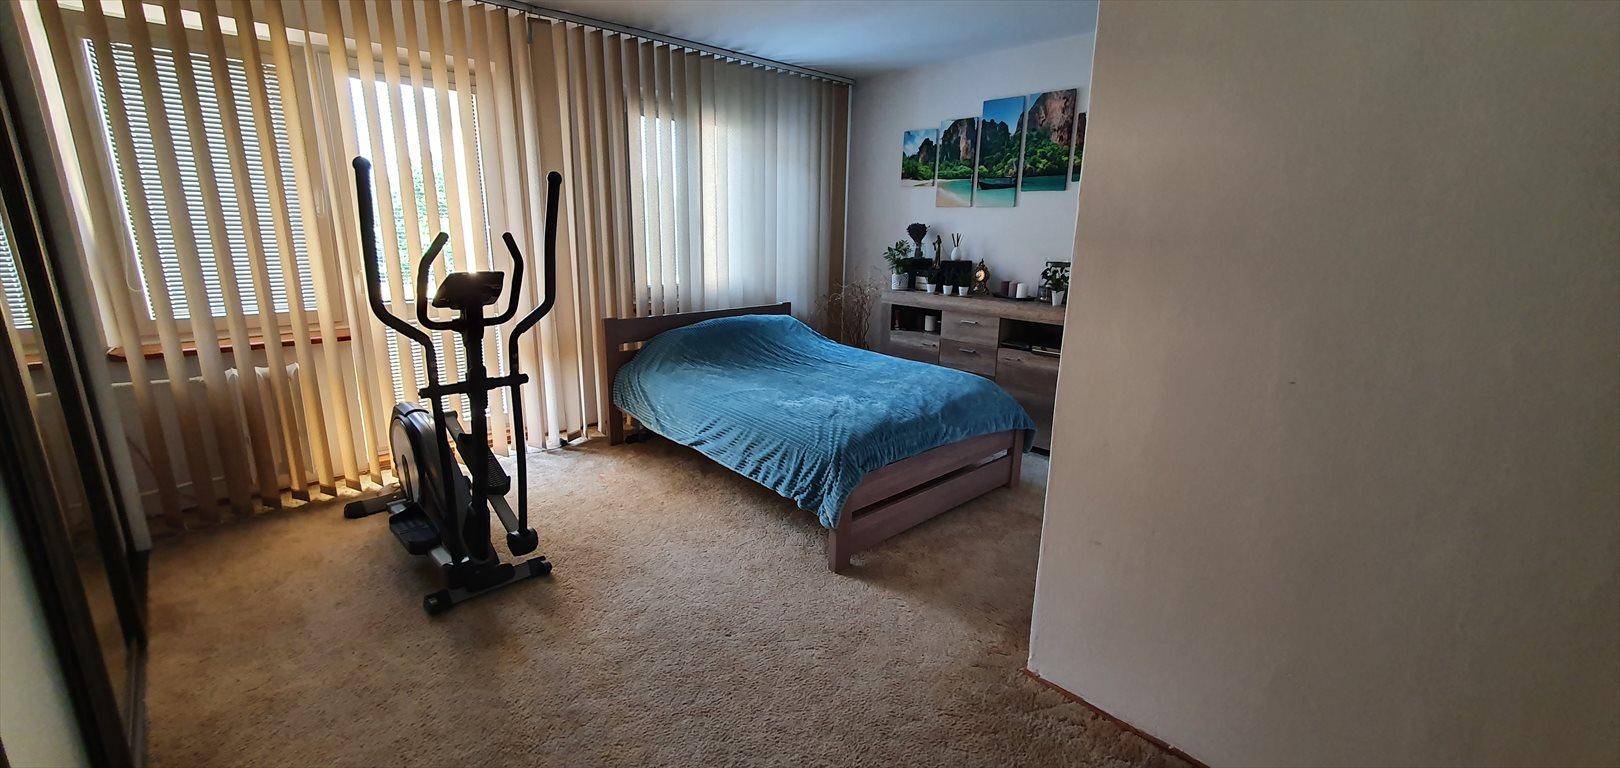 Mieszkanie dwupokojowe na sprzedaż Głogów Małopolski, Słoneczne, Piękna  67m2 Foto 4